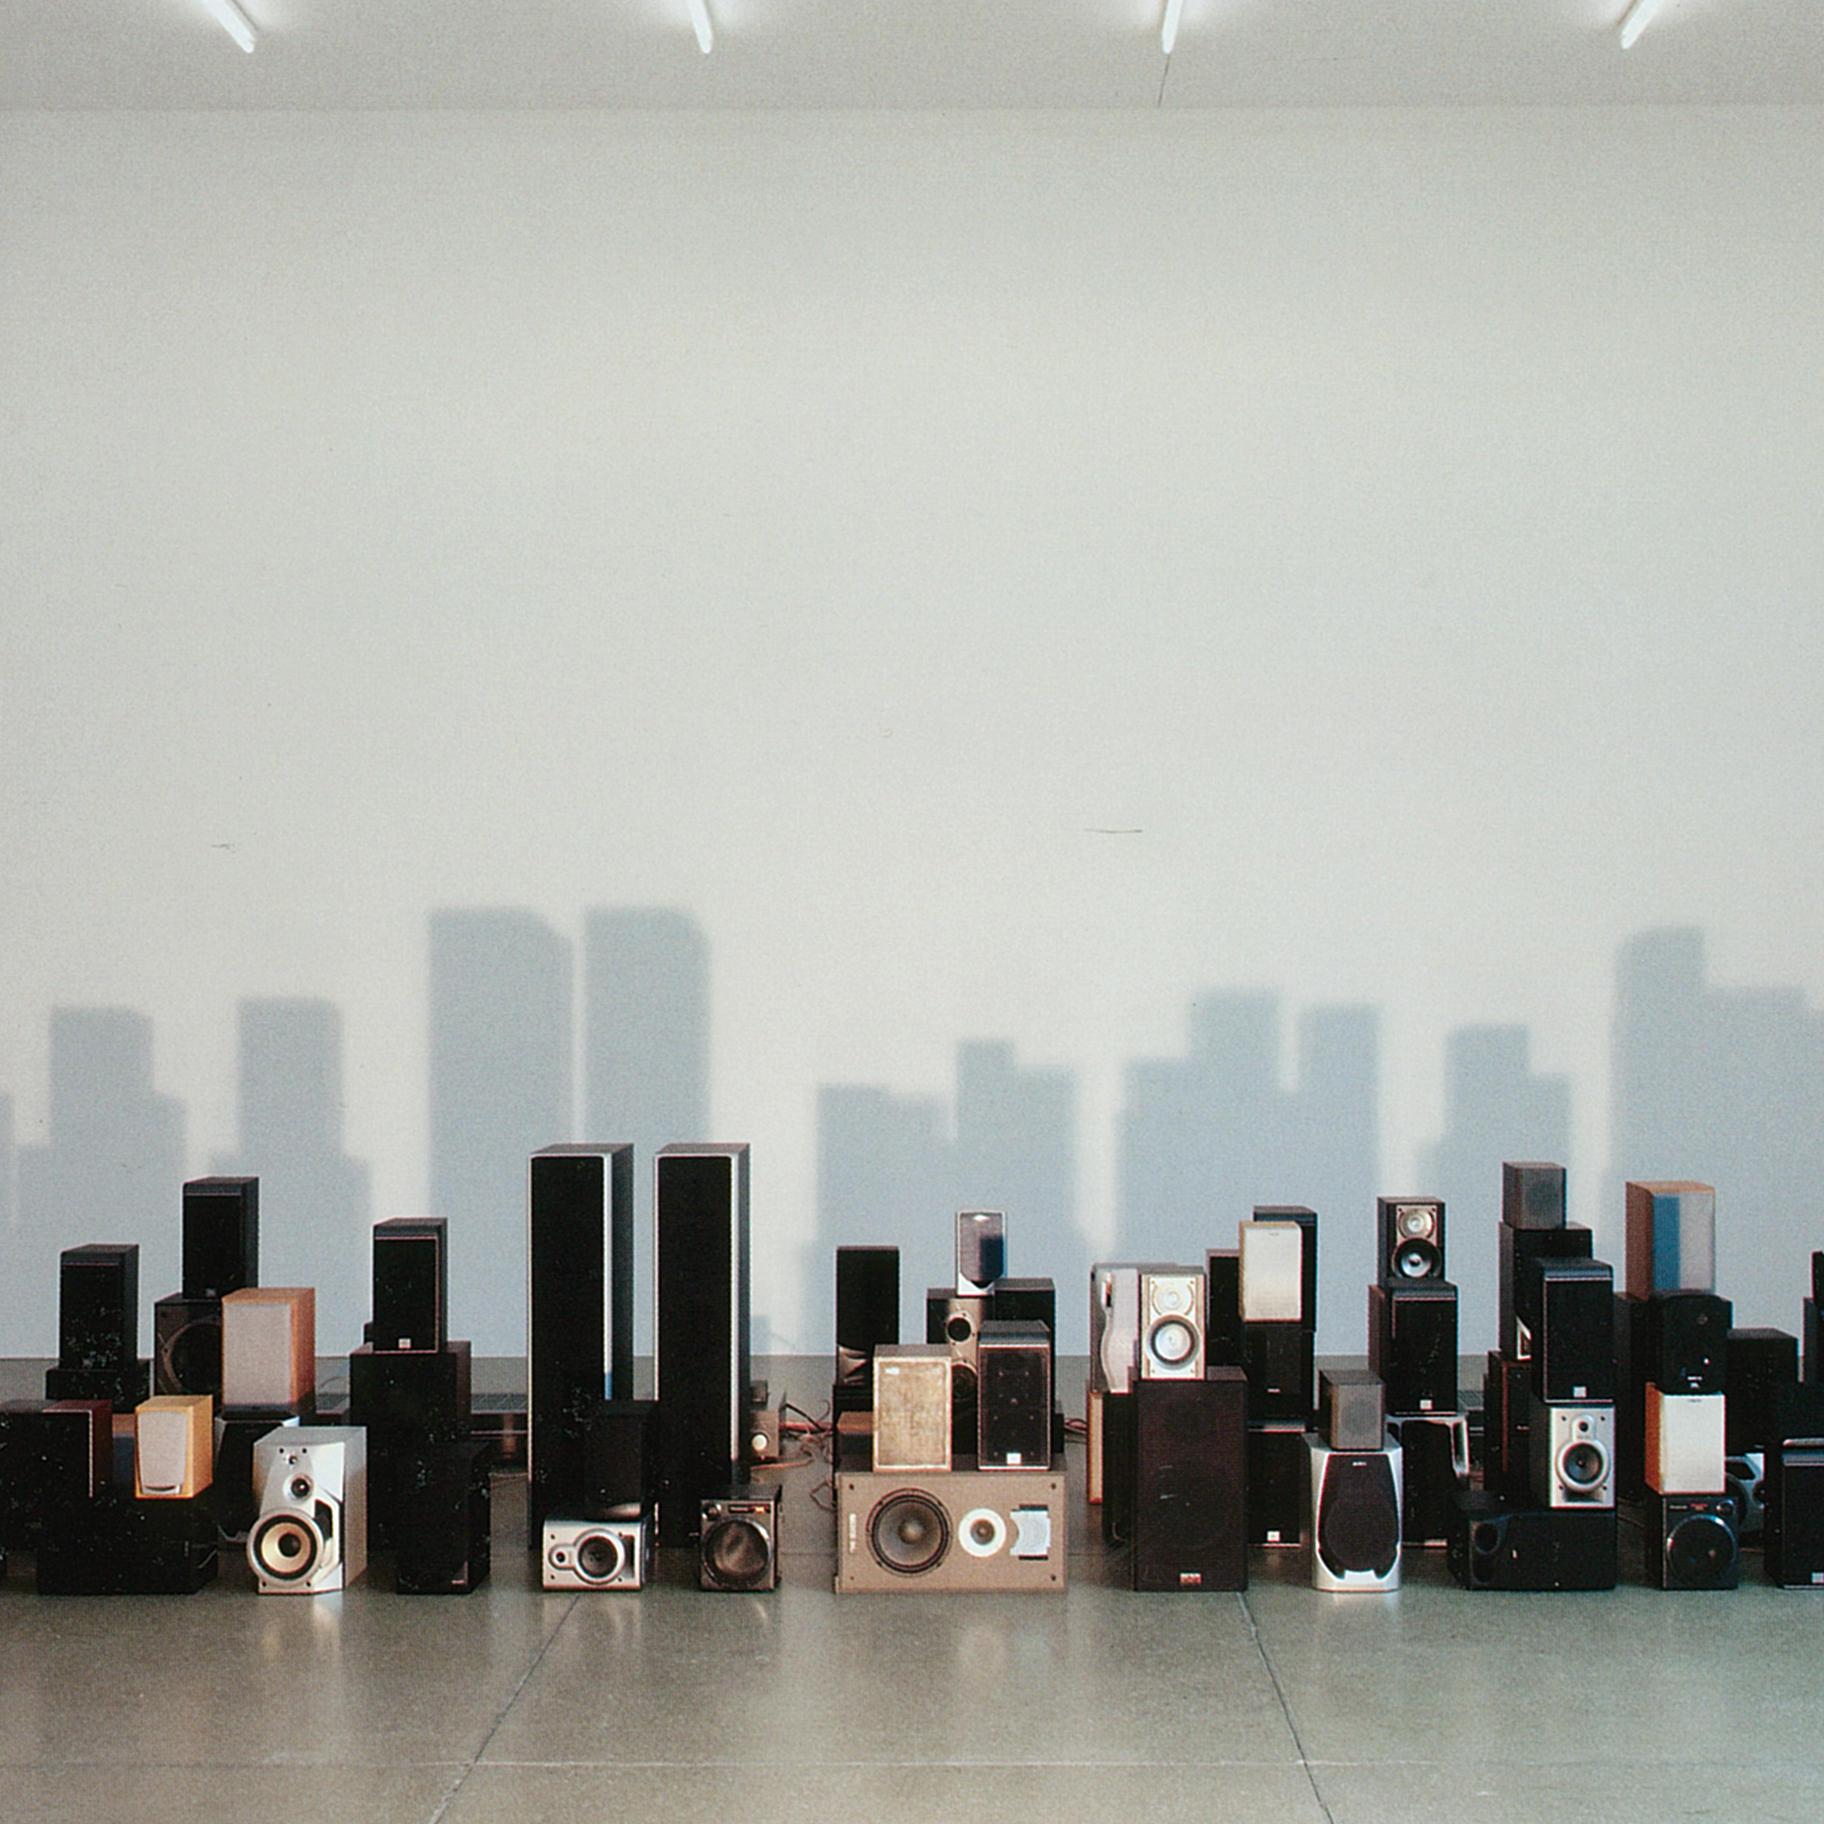 ムニール・ファトミ作品紹介:Save Manhattan 03 をアップしました